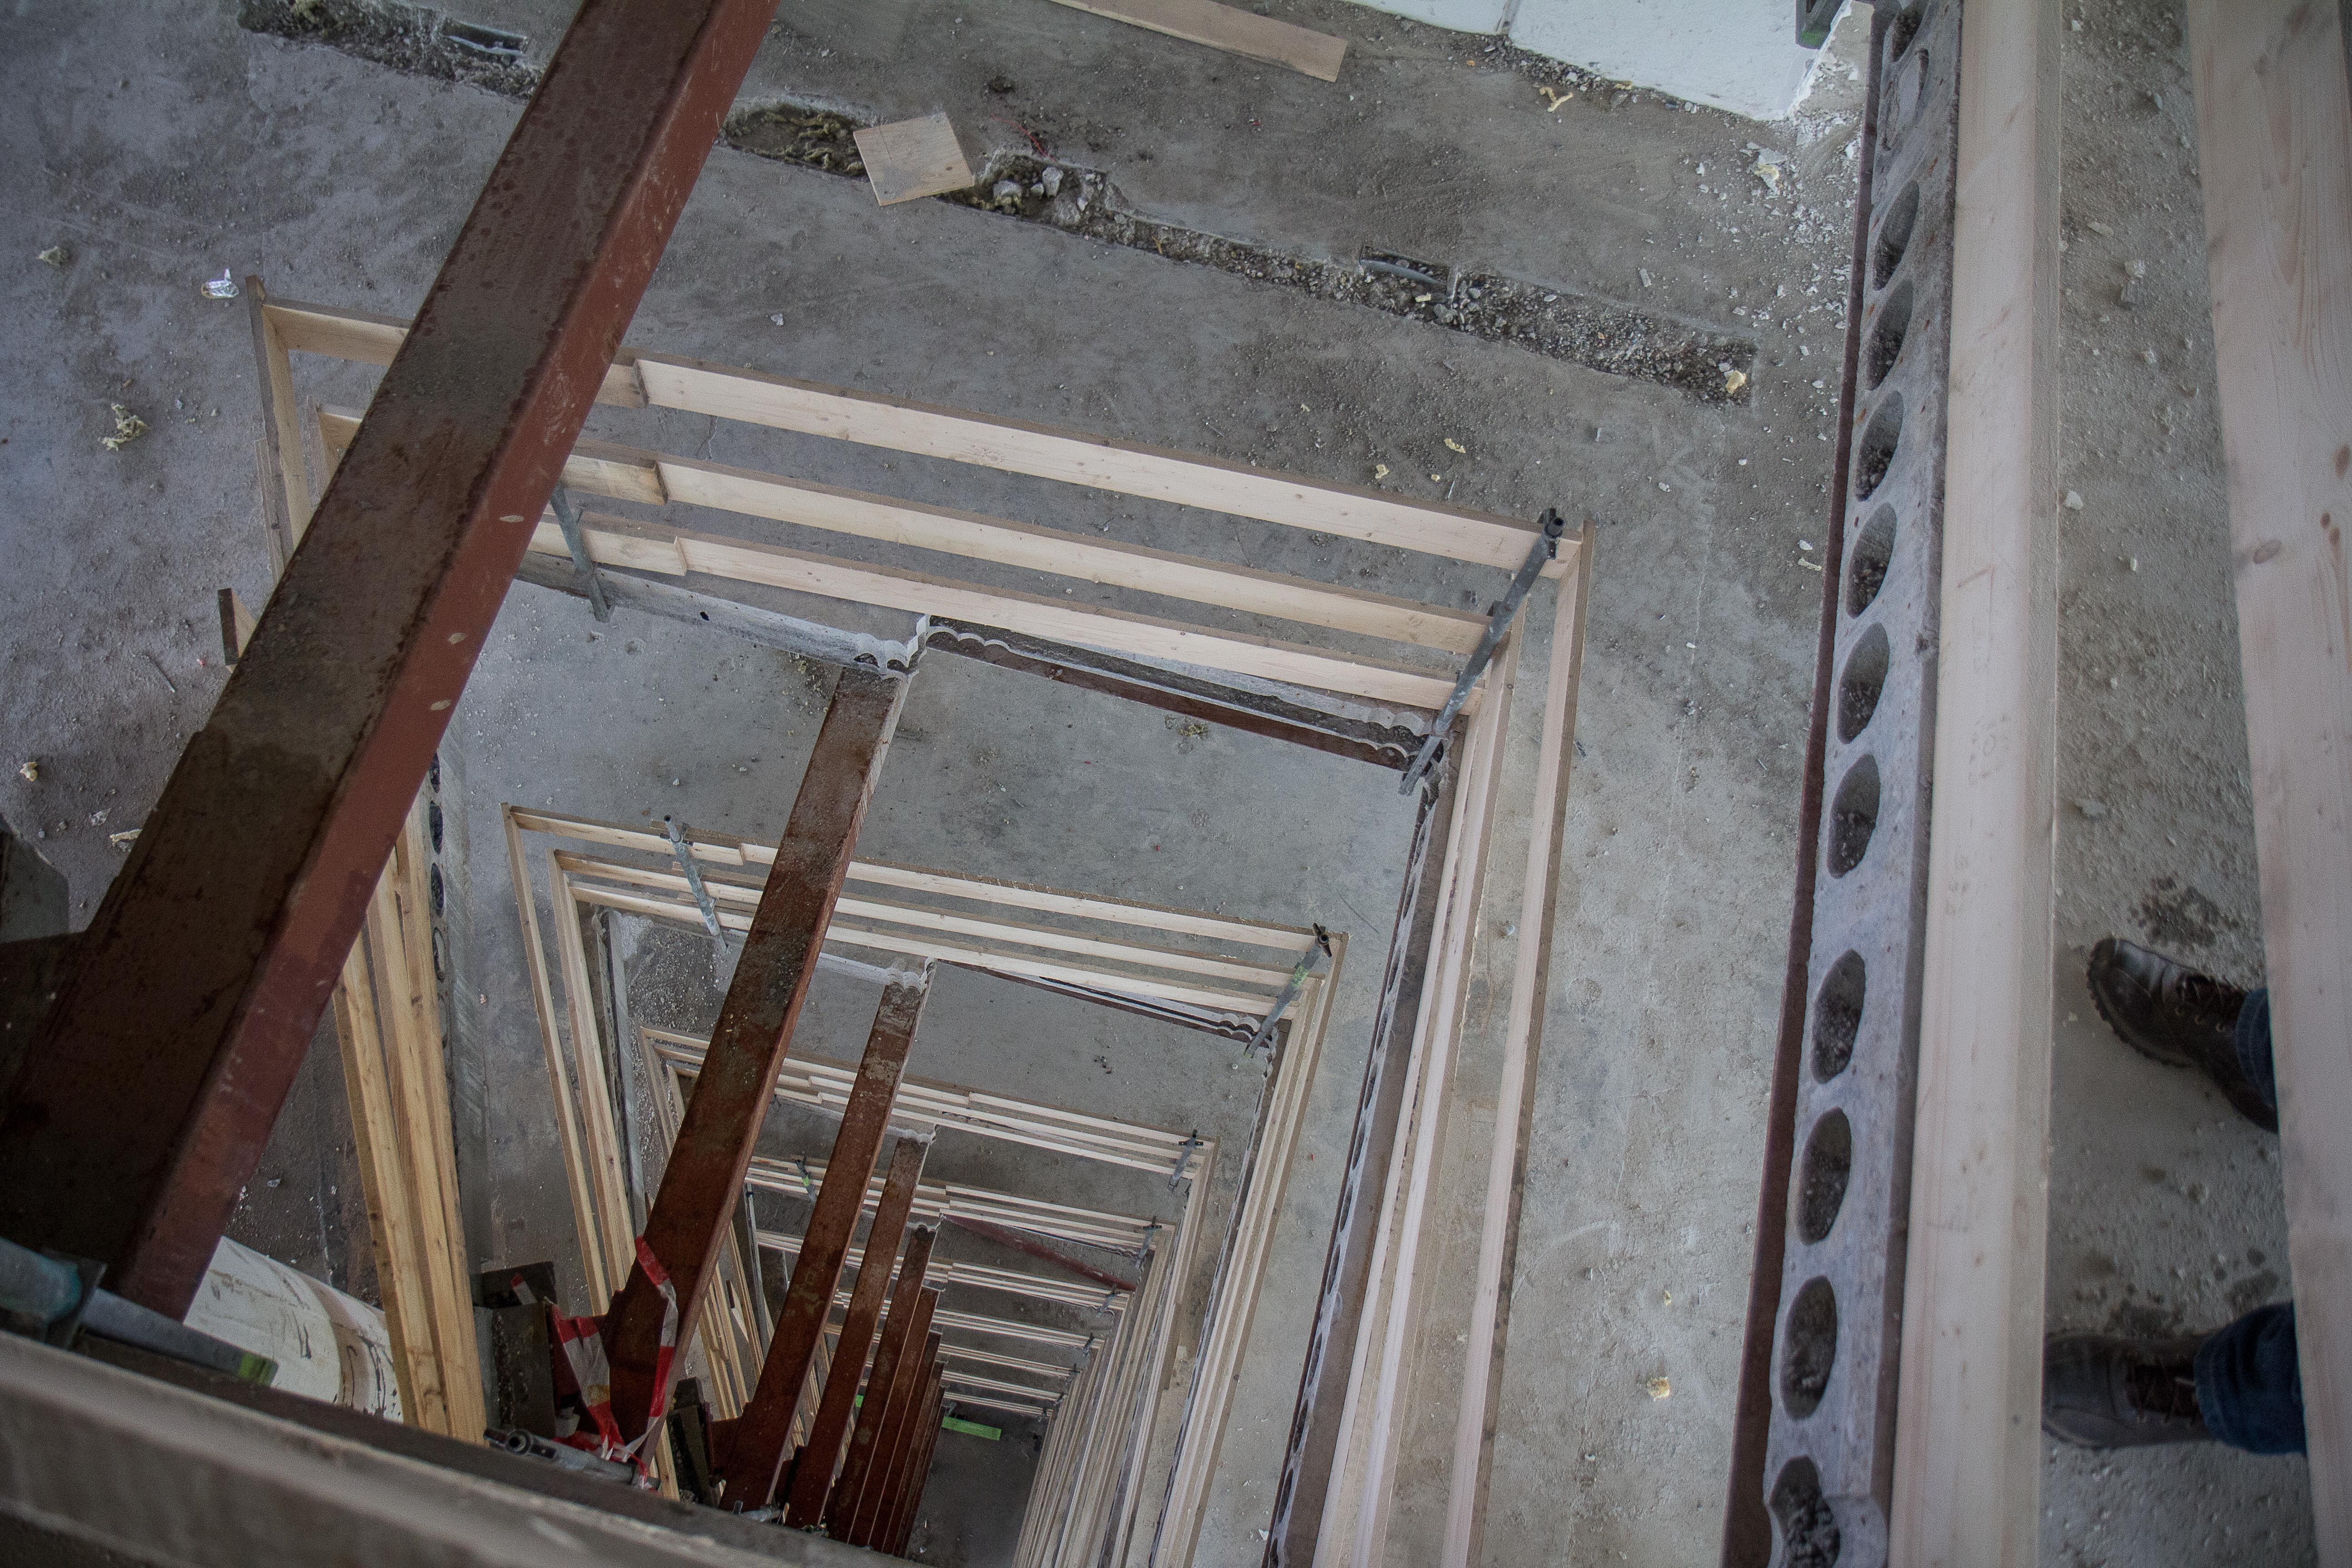 <p>Verdieping voor verdieping knaagde de Brokk zich door de verdiepingsvloeren. Resultaat: twee nieuwe liftschachten die direct met een constructie zijn versterkt.</p>